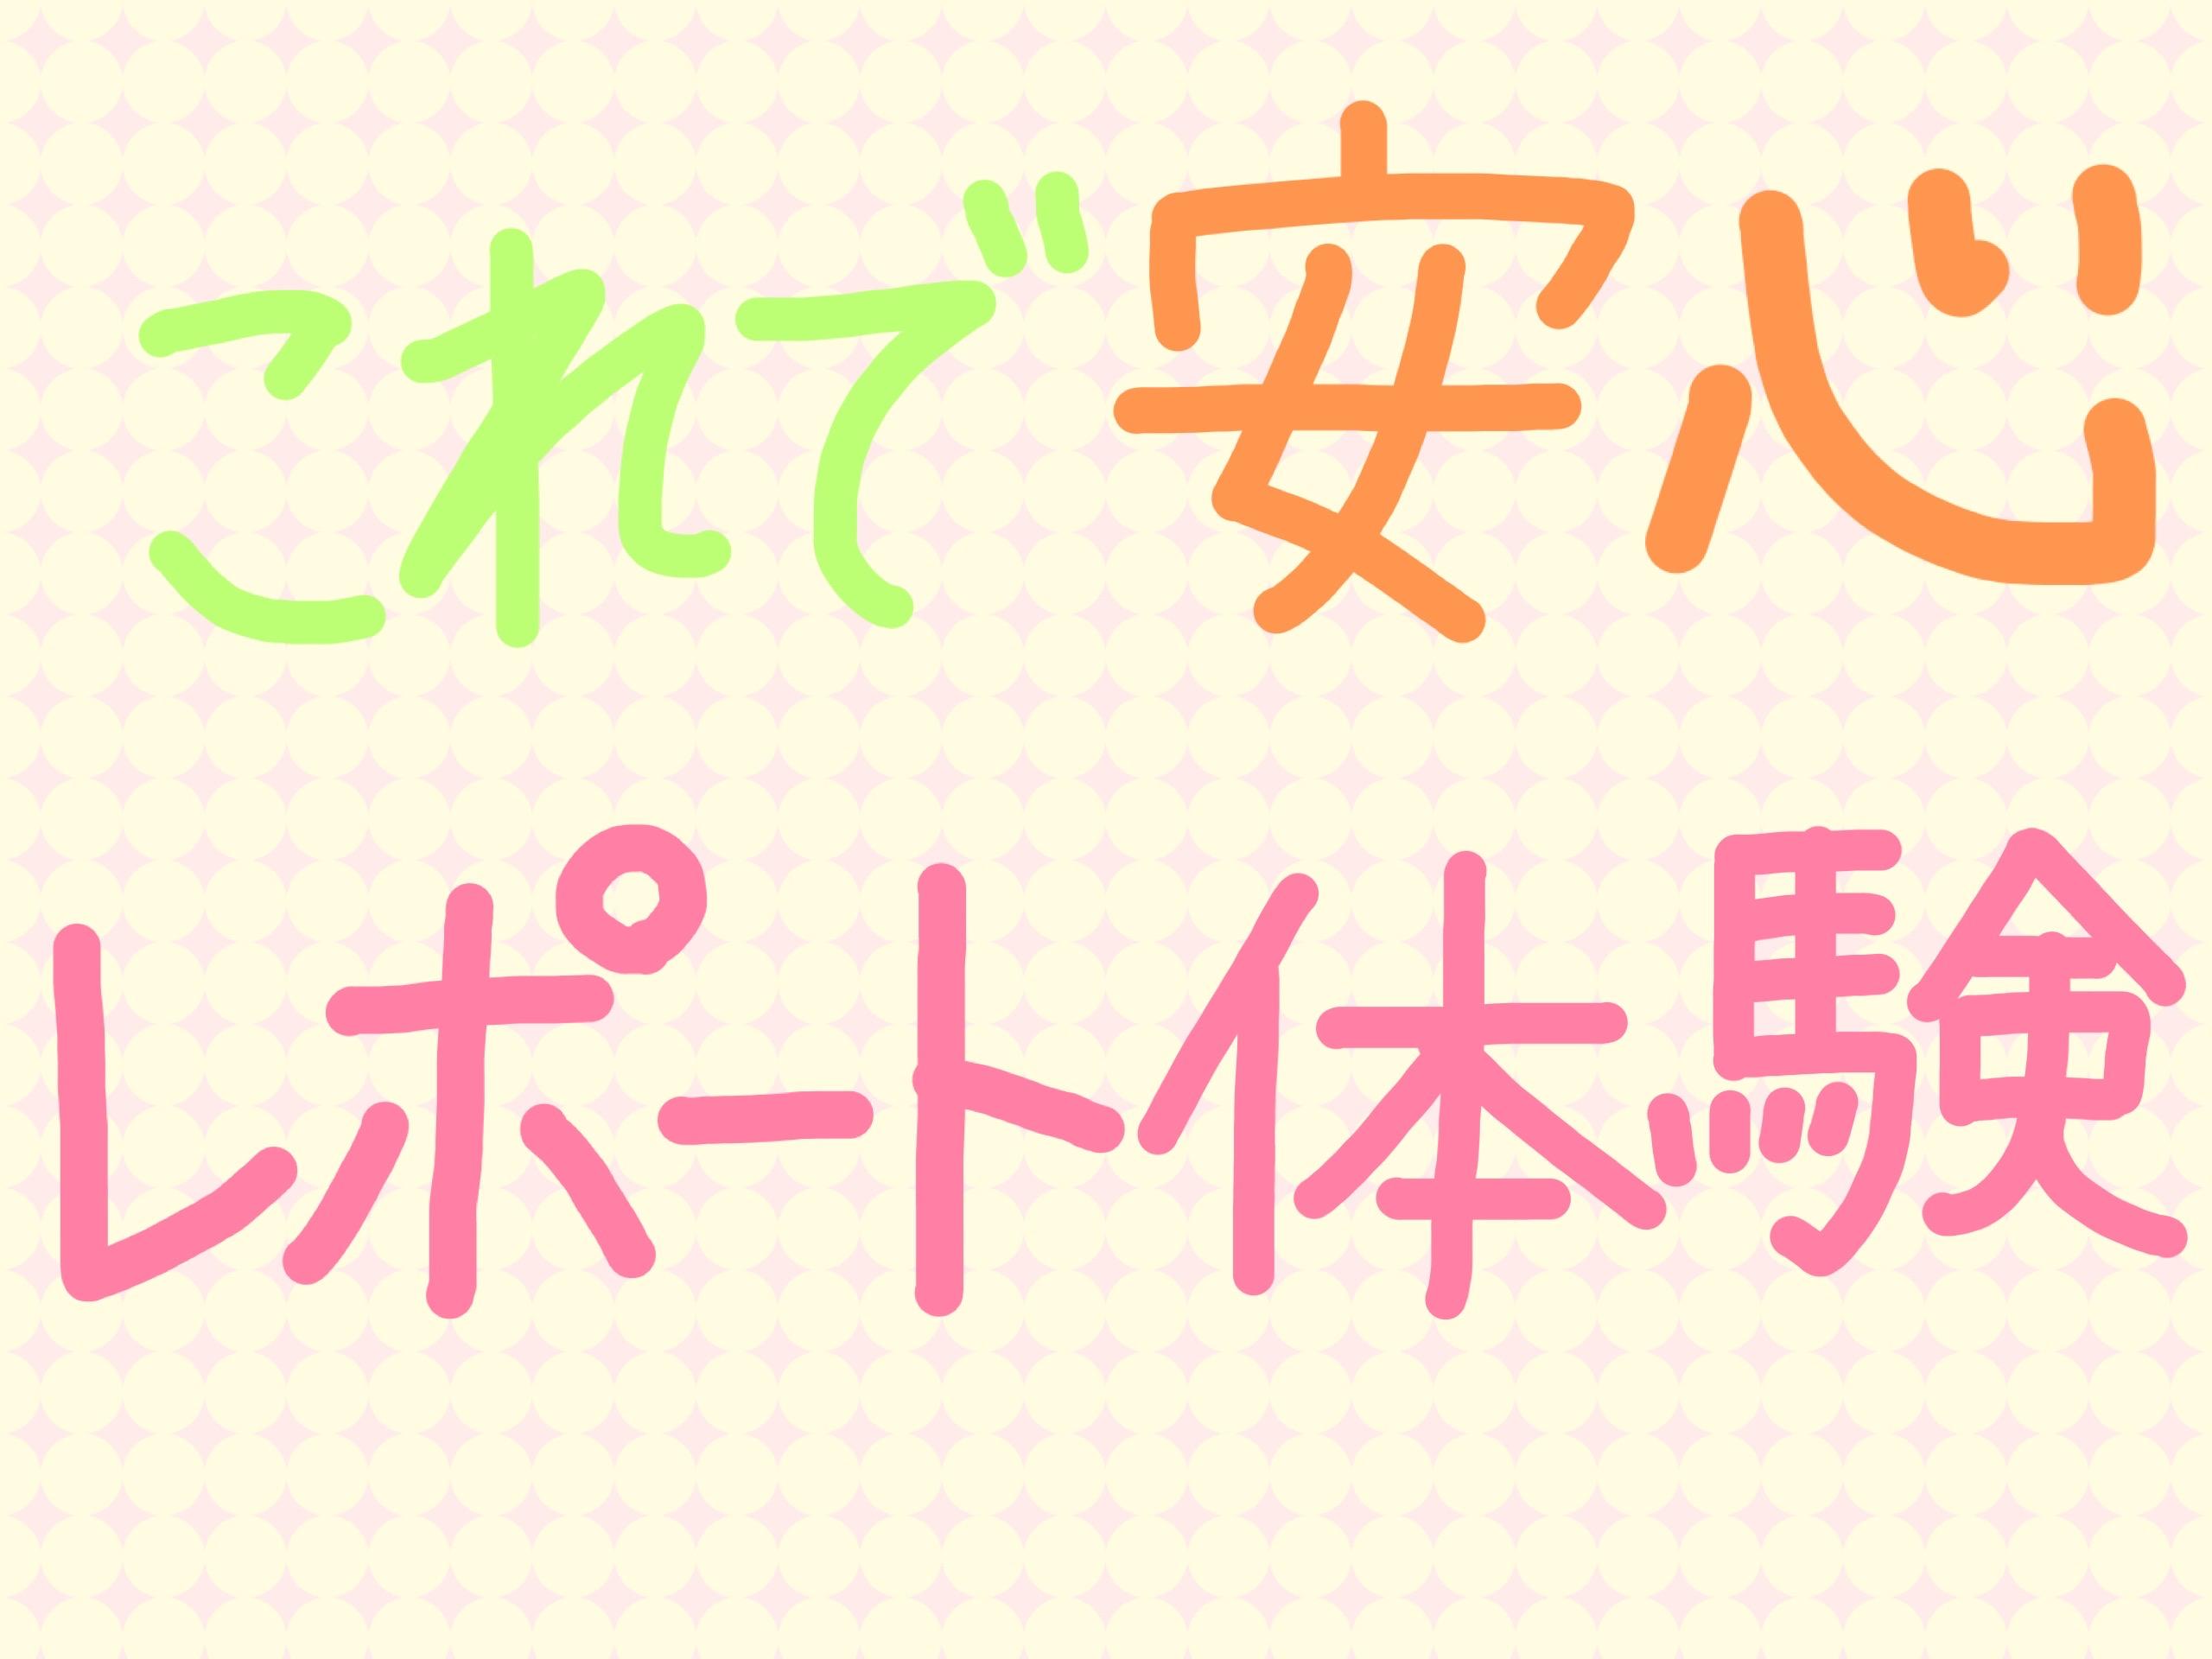 【福岡:大学進学・通学】レポートってなんだ??全日制と通信制のちがいを知ろう!